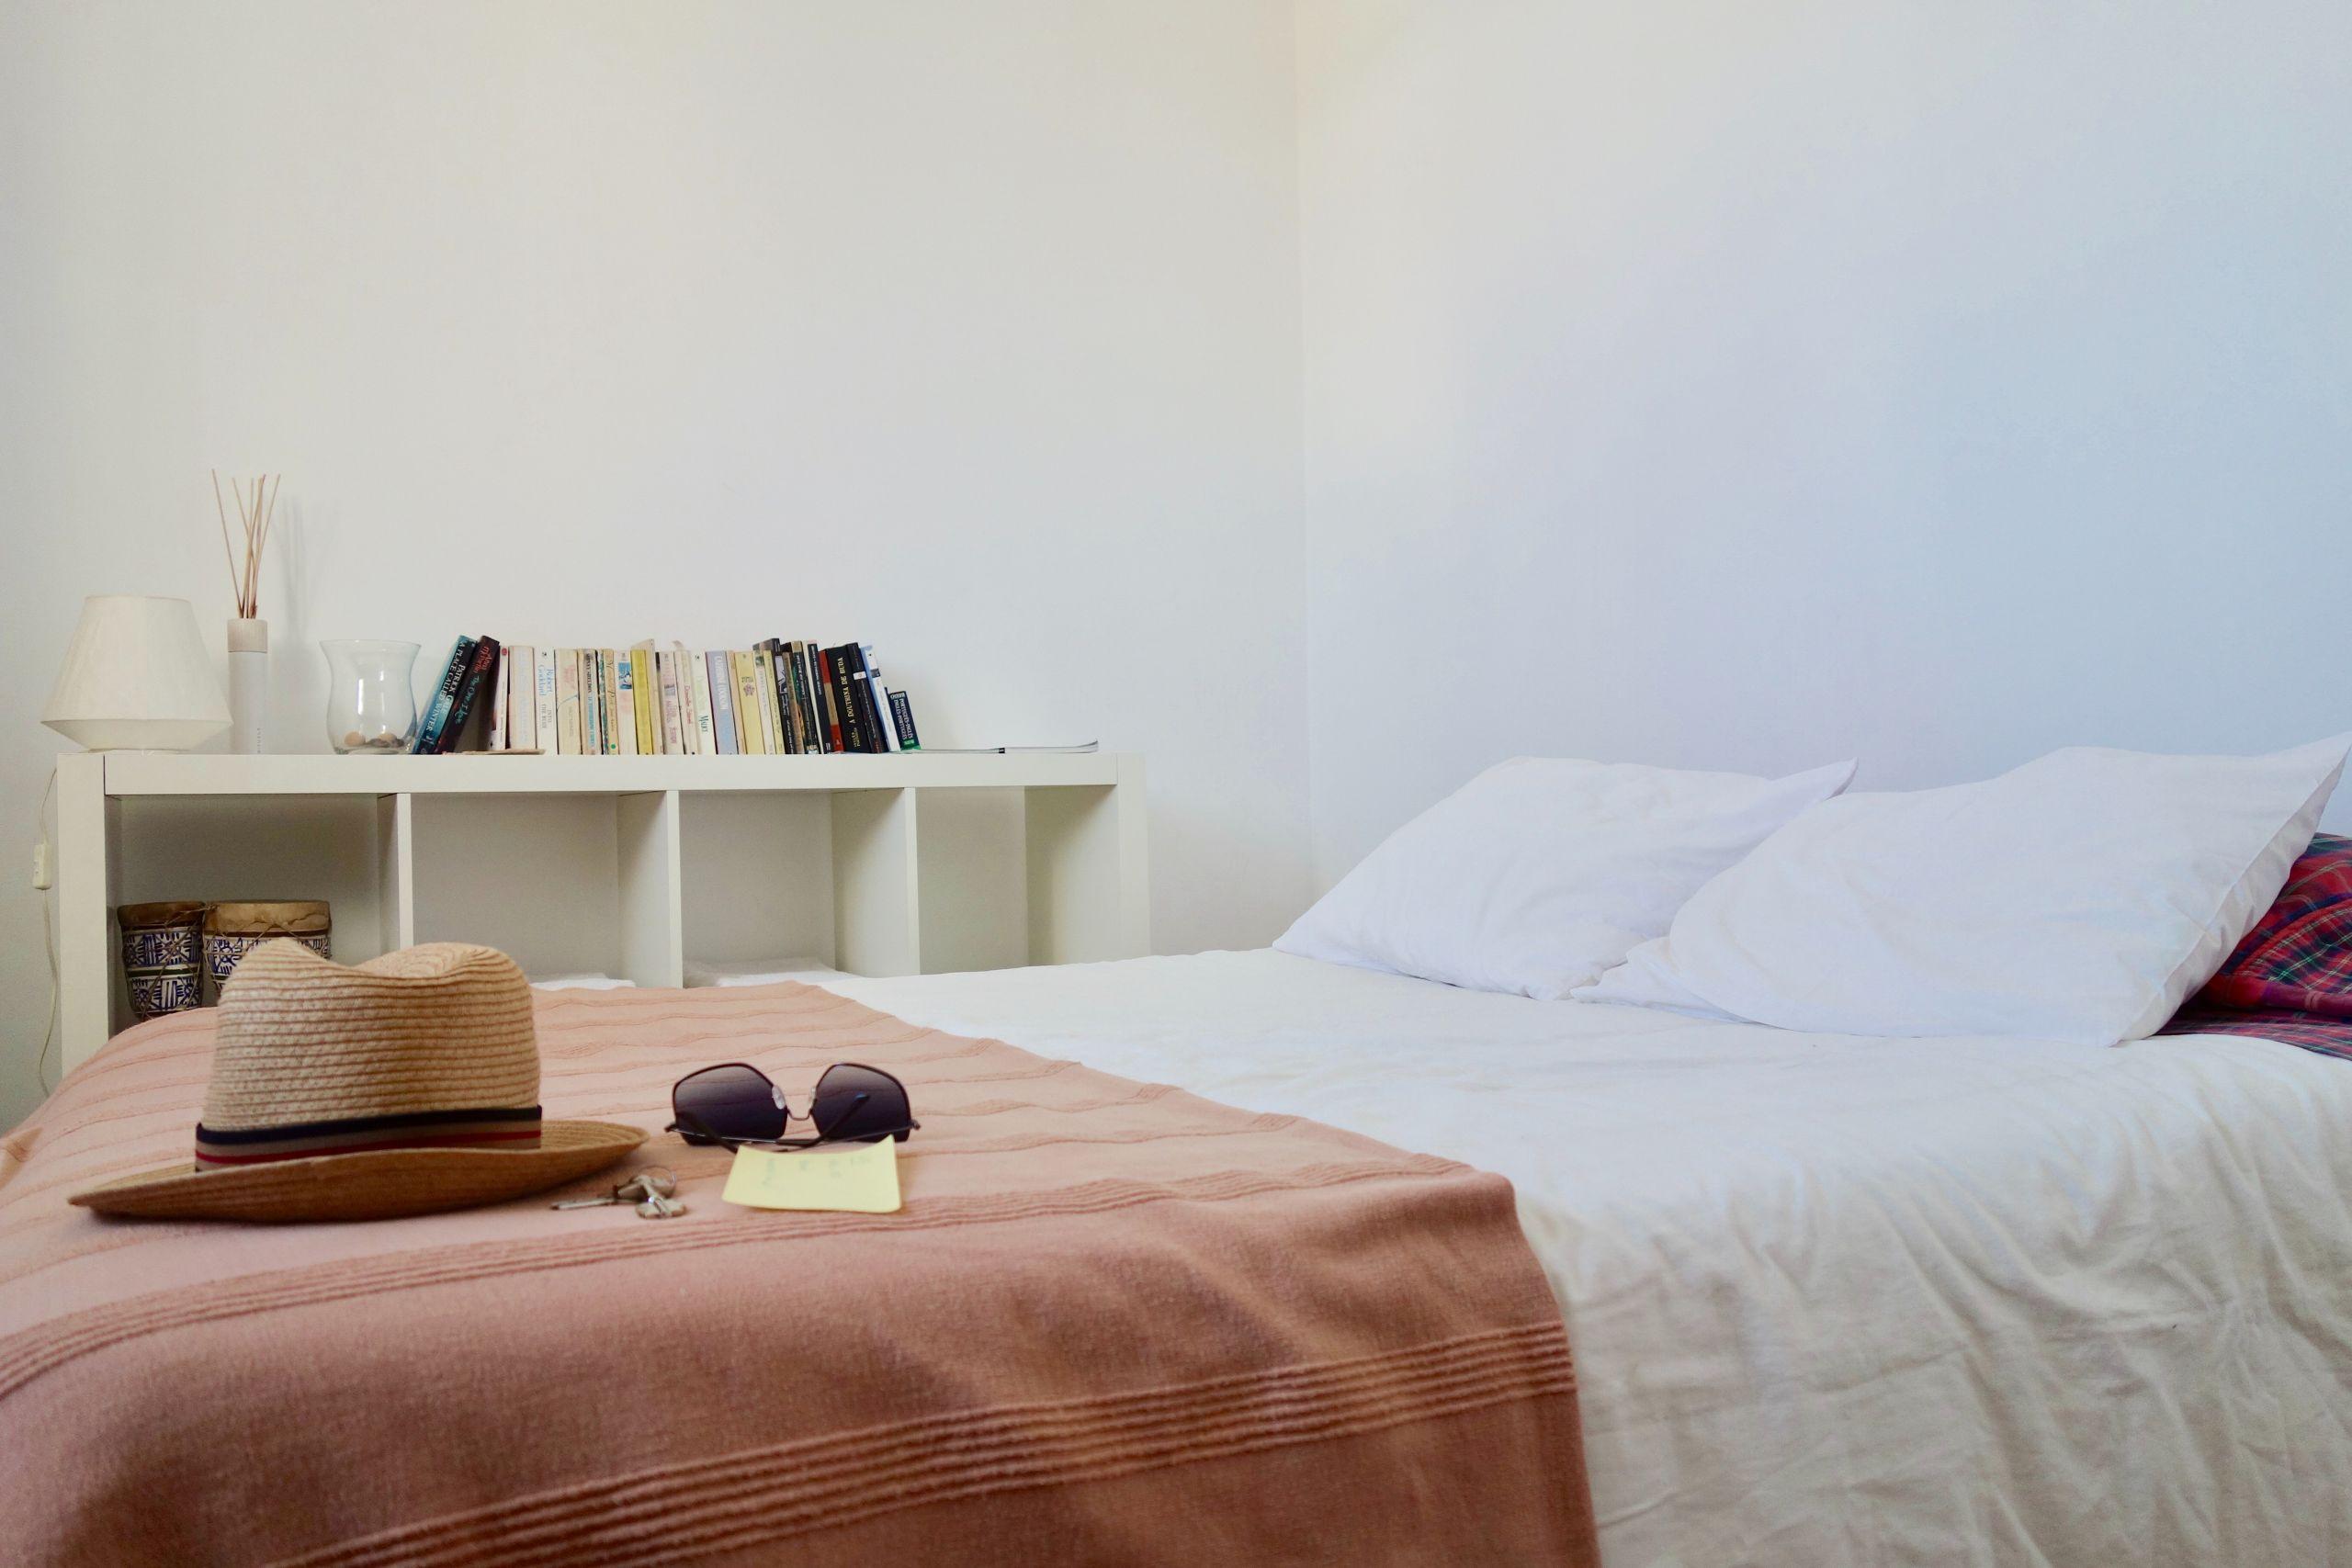 Giv din seng et nyt look